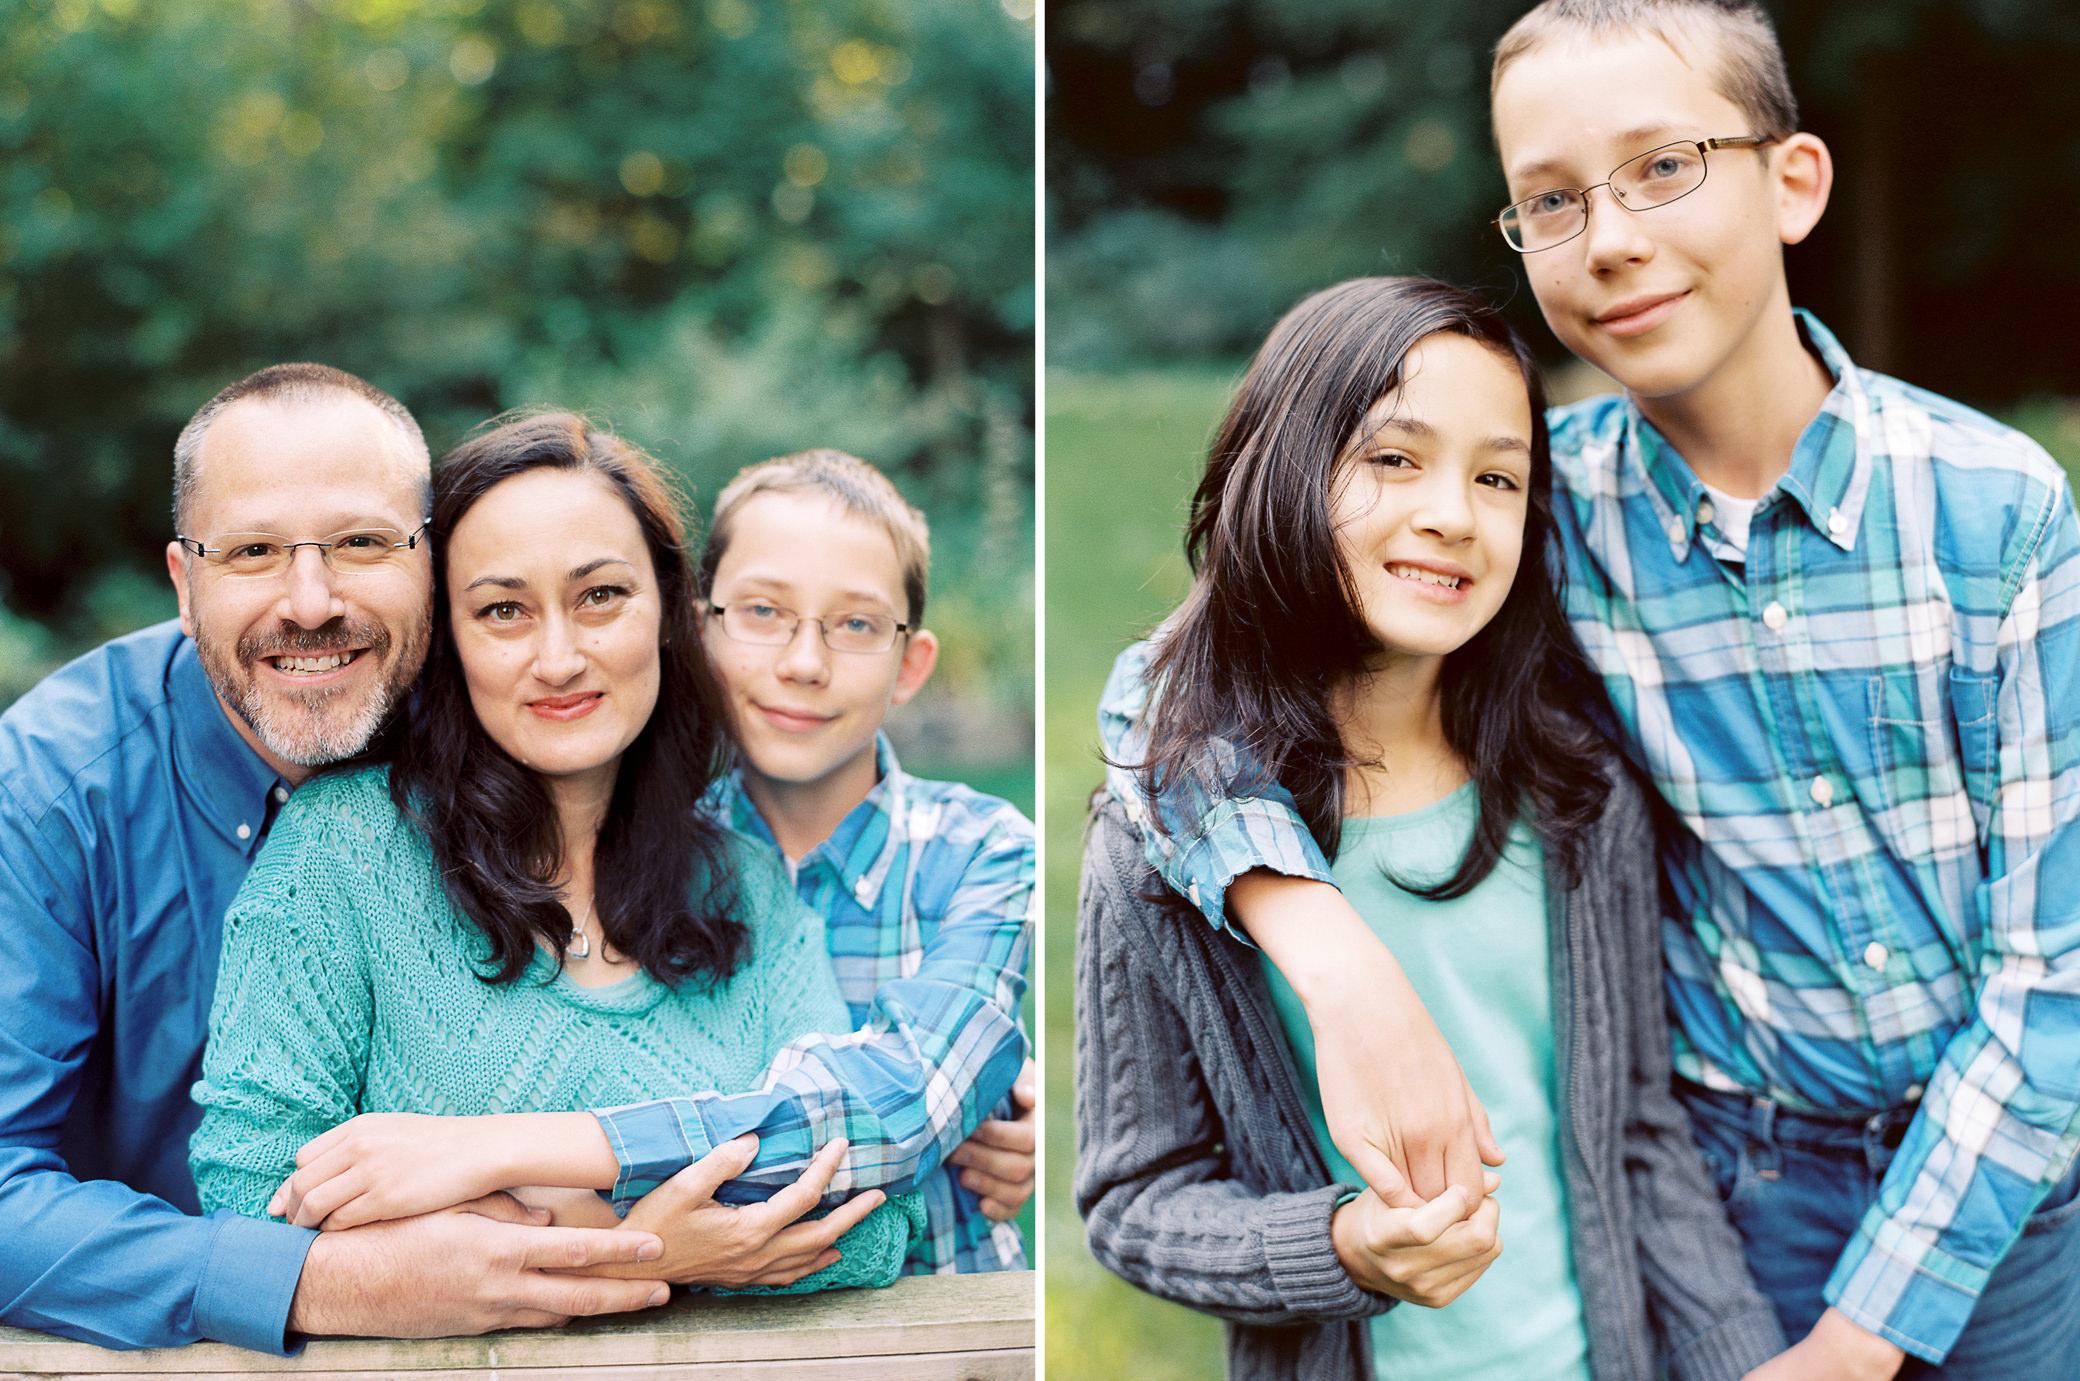 seattle-family-photographer-flemings-2016_0633.JPG